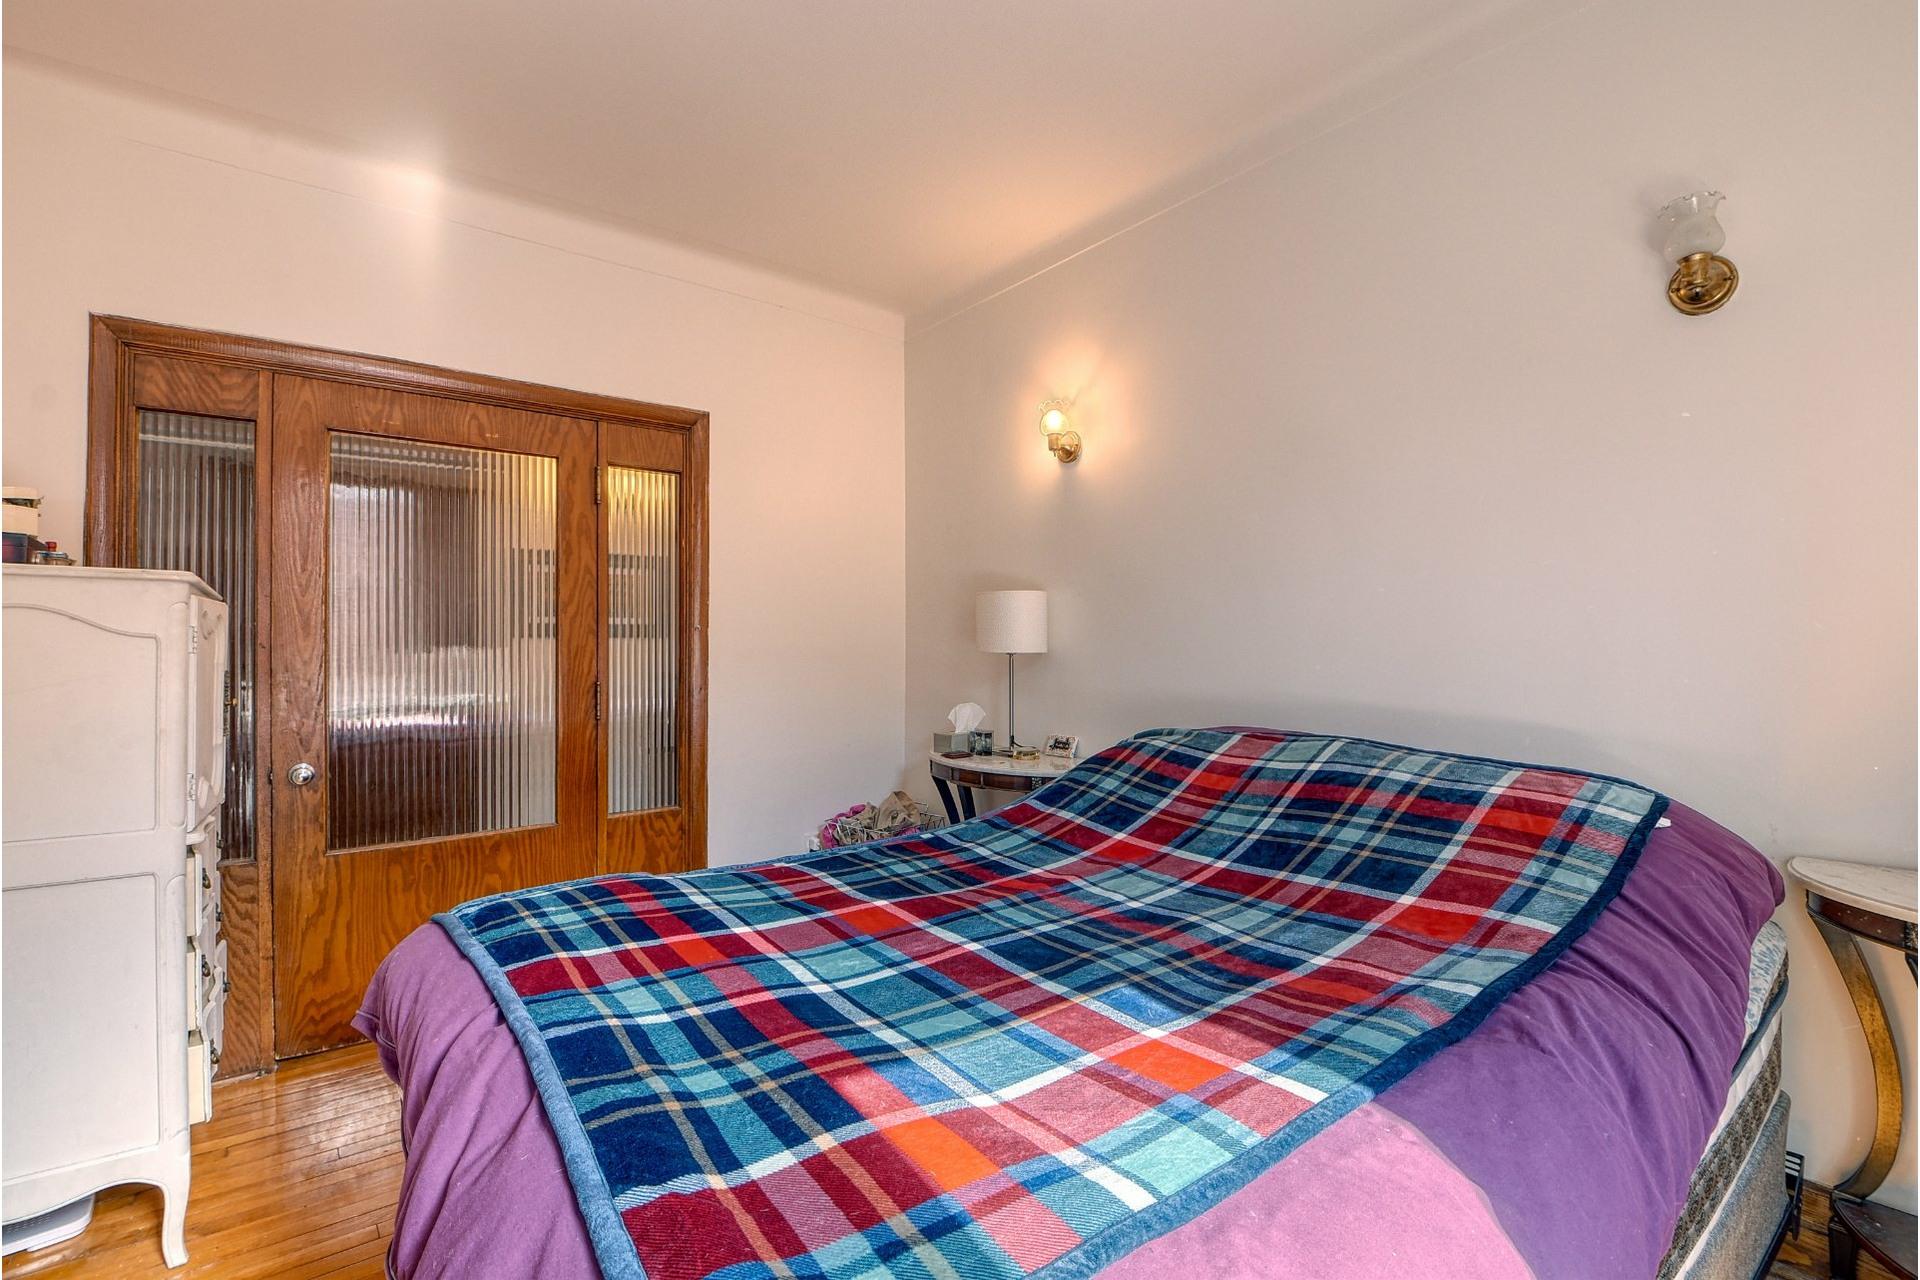 image 7 - Apartment For rent Côte-des-Neiges/Notre-Dame-de-Grâce Montréal  - 6 rooms